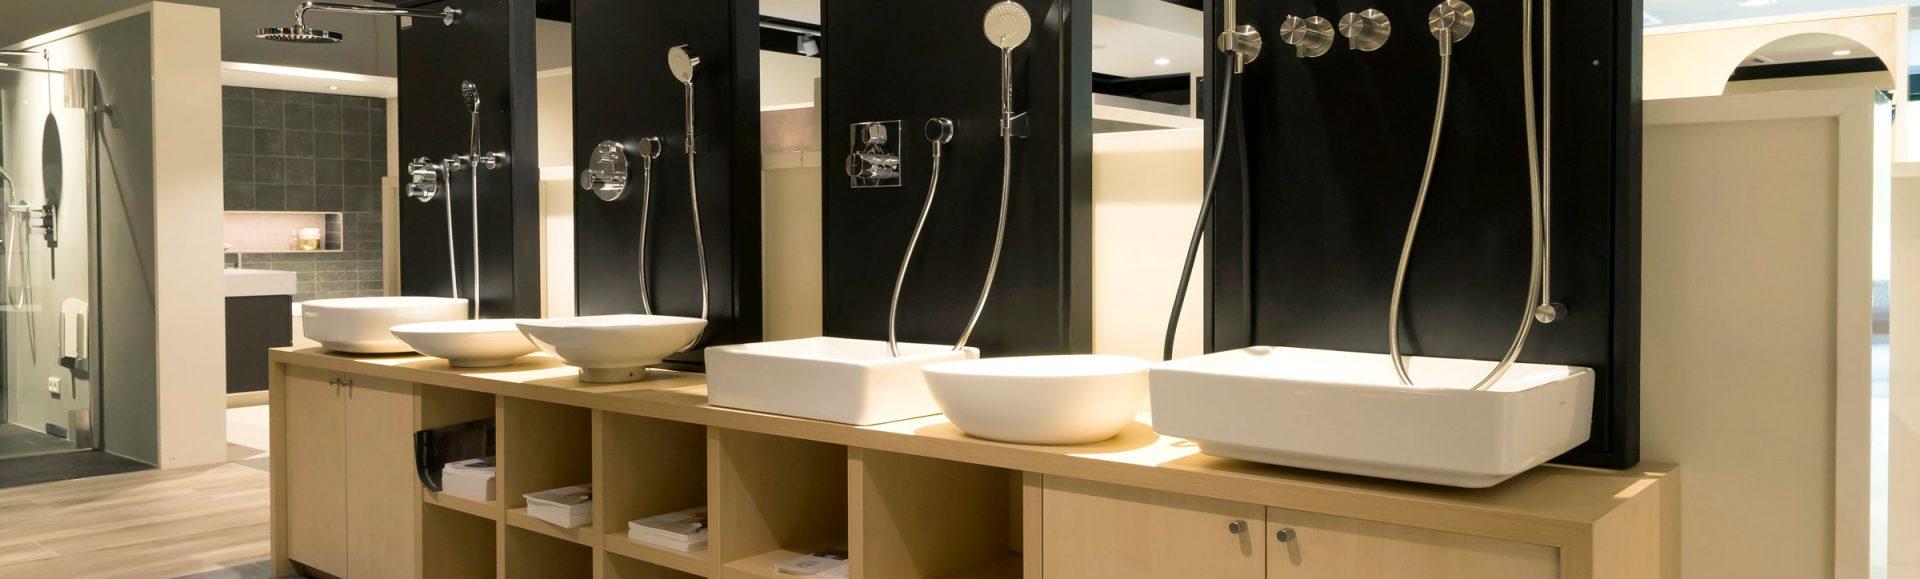 schuit-totaal-wonen-showroom-badkamers-19